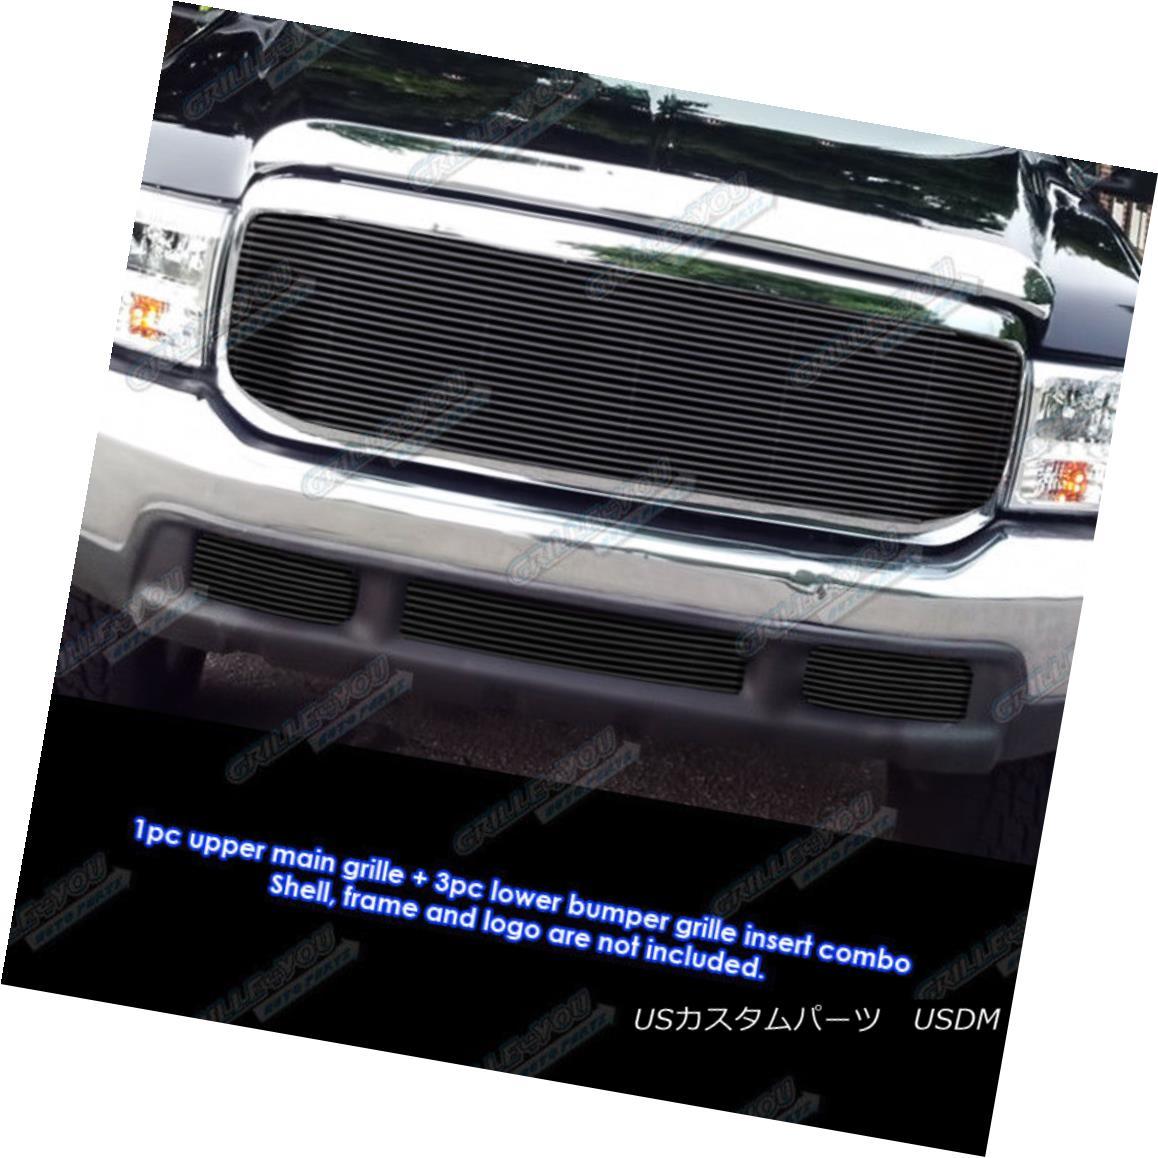 グリル Fits 1999-2004 Ford F-250/F-350 Super Duty Black Billet Grille Combo フィット1999-2004フォードF - 250 / F - 350スーパーデューティブラックビレットグリルコンボ